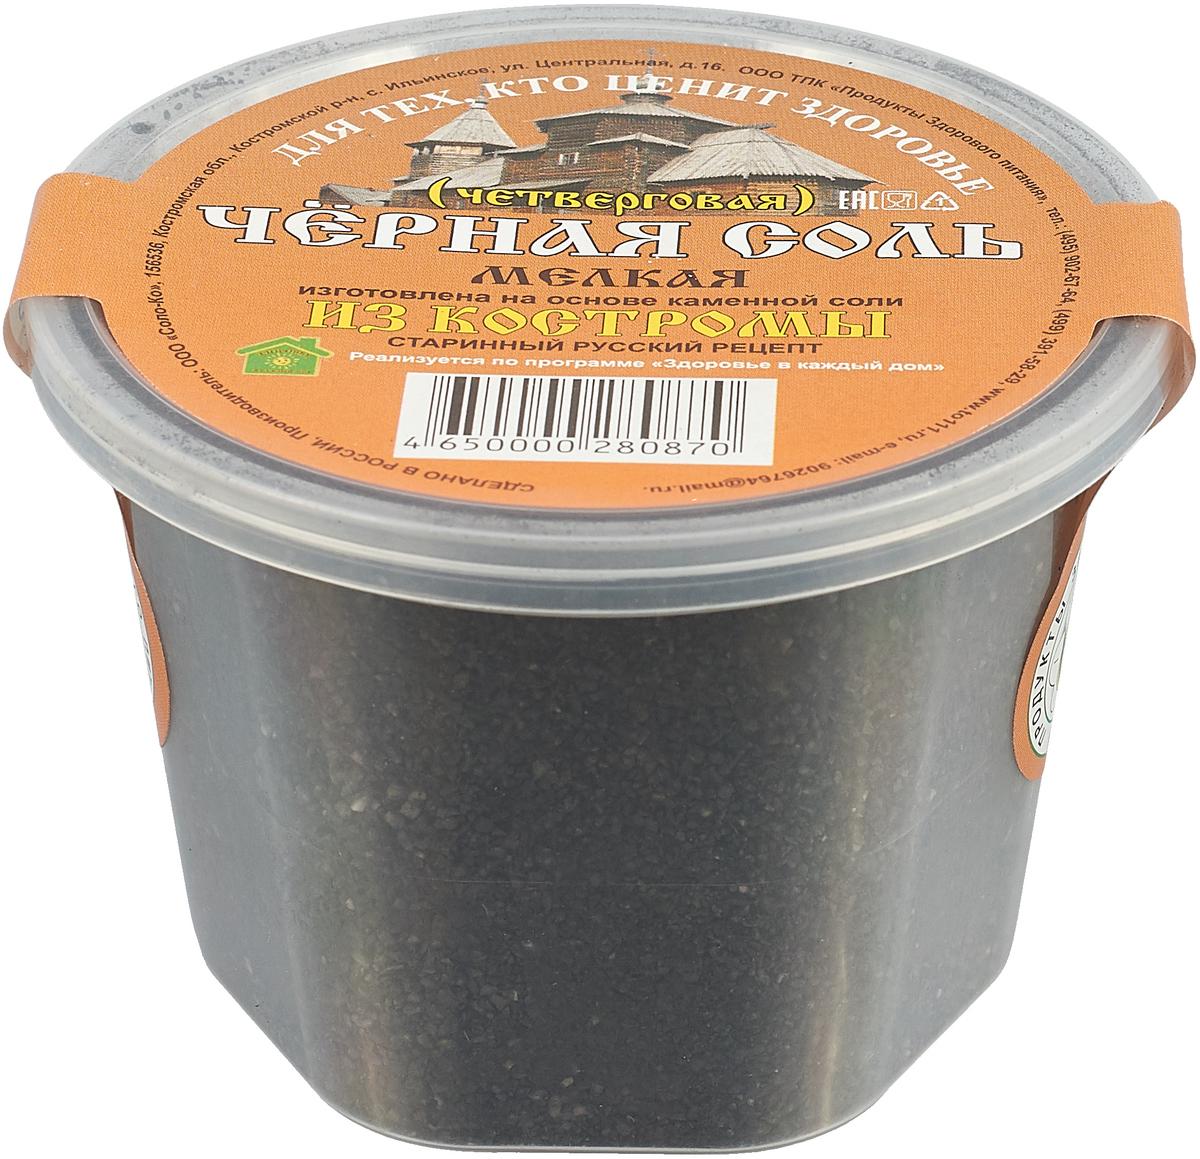 Черная соль, 300 г соль гималайская черная пищевая 200гр